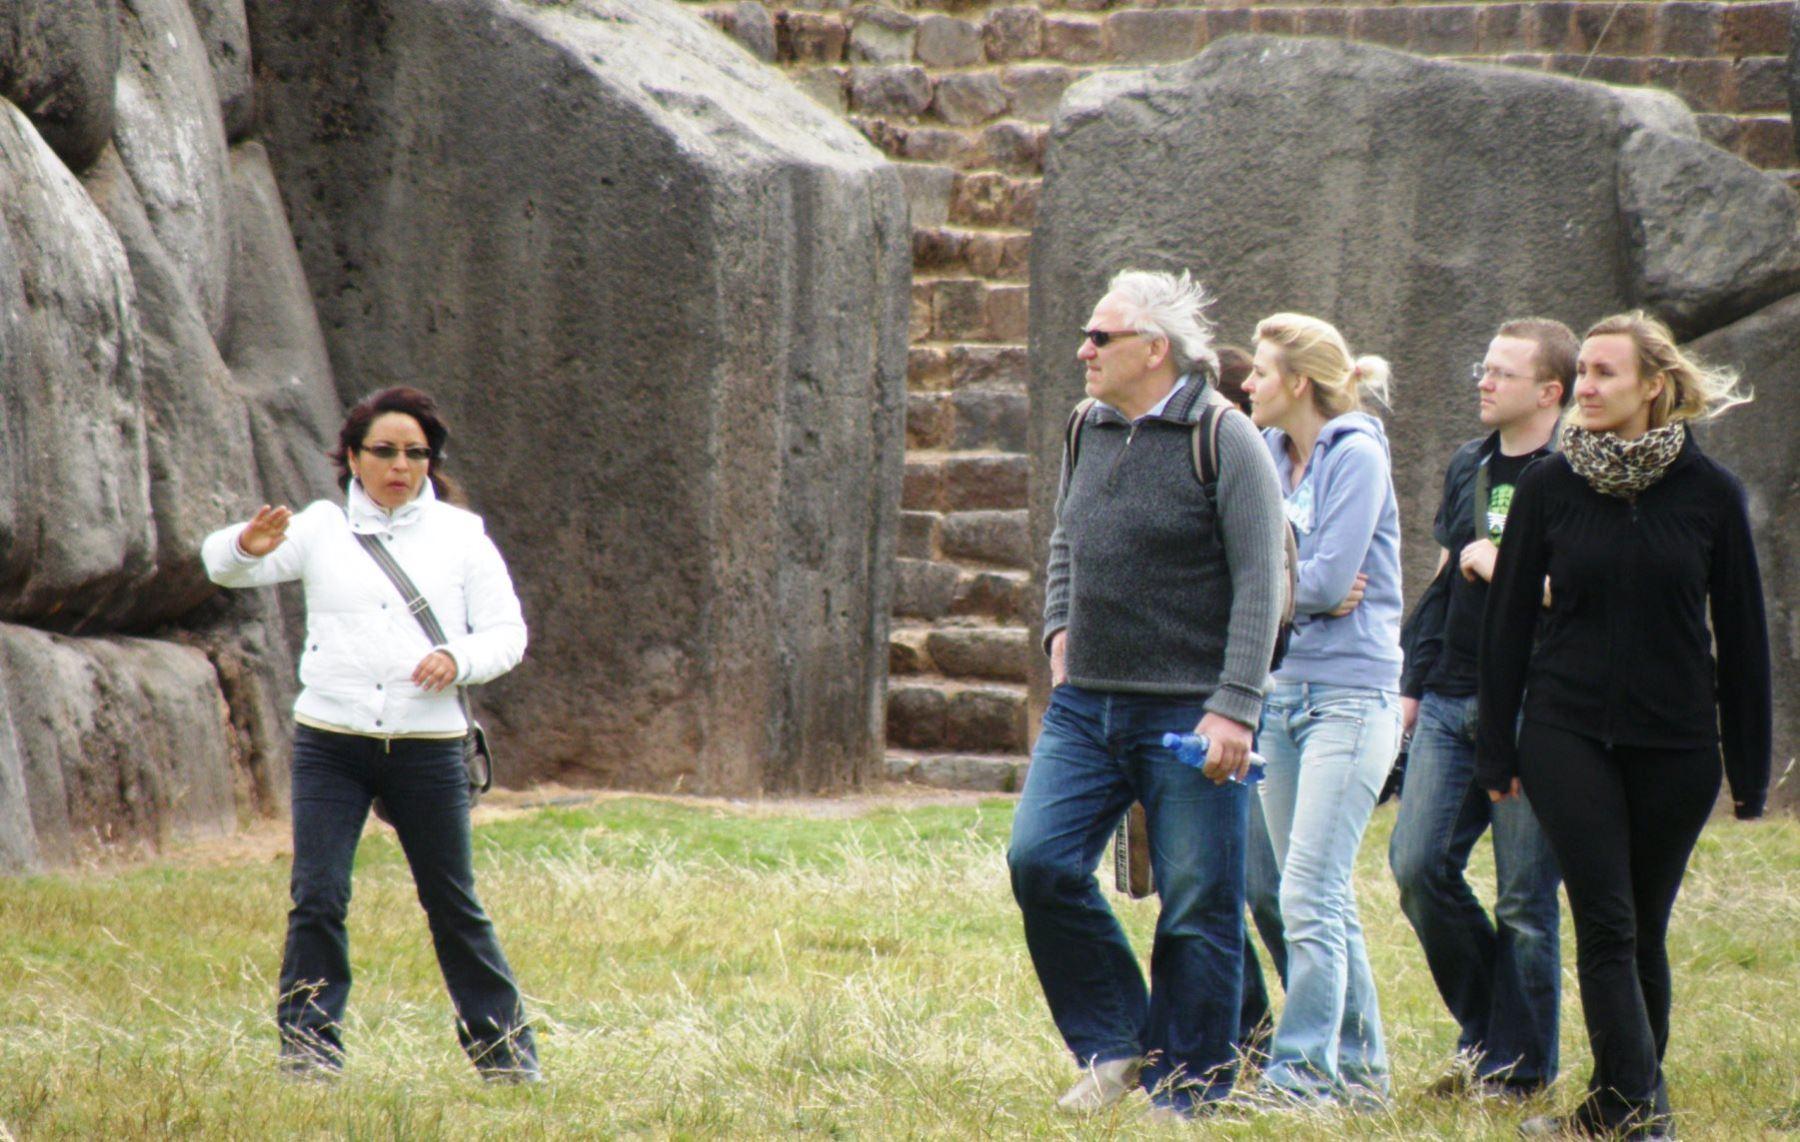 Perú espera recibir 5.6 millones de turistas extranjeros el 2021. ANDINA/Archivo